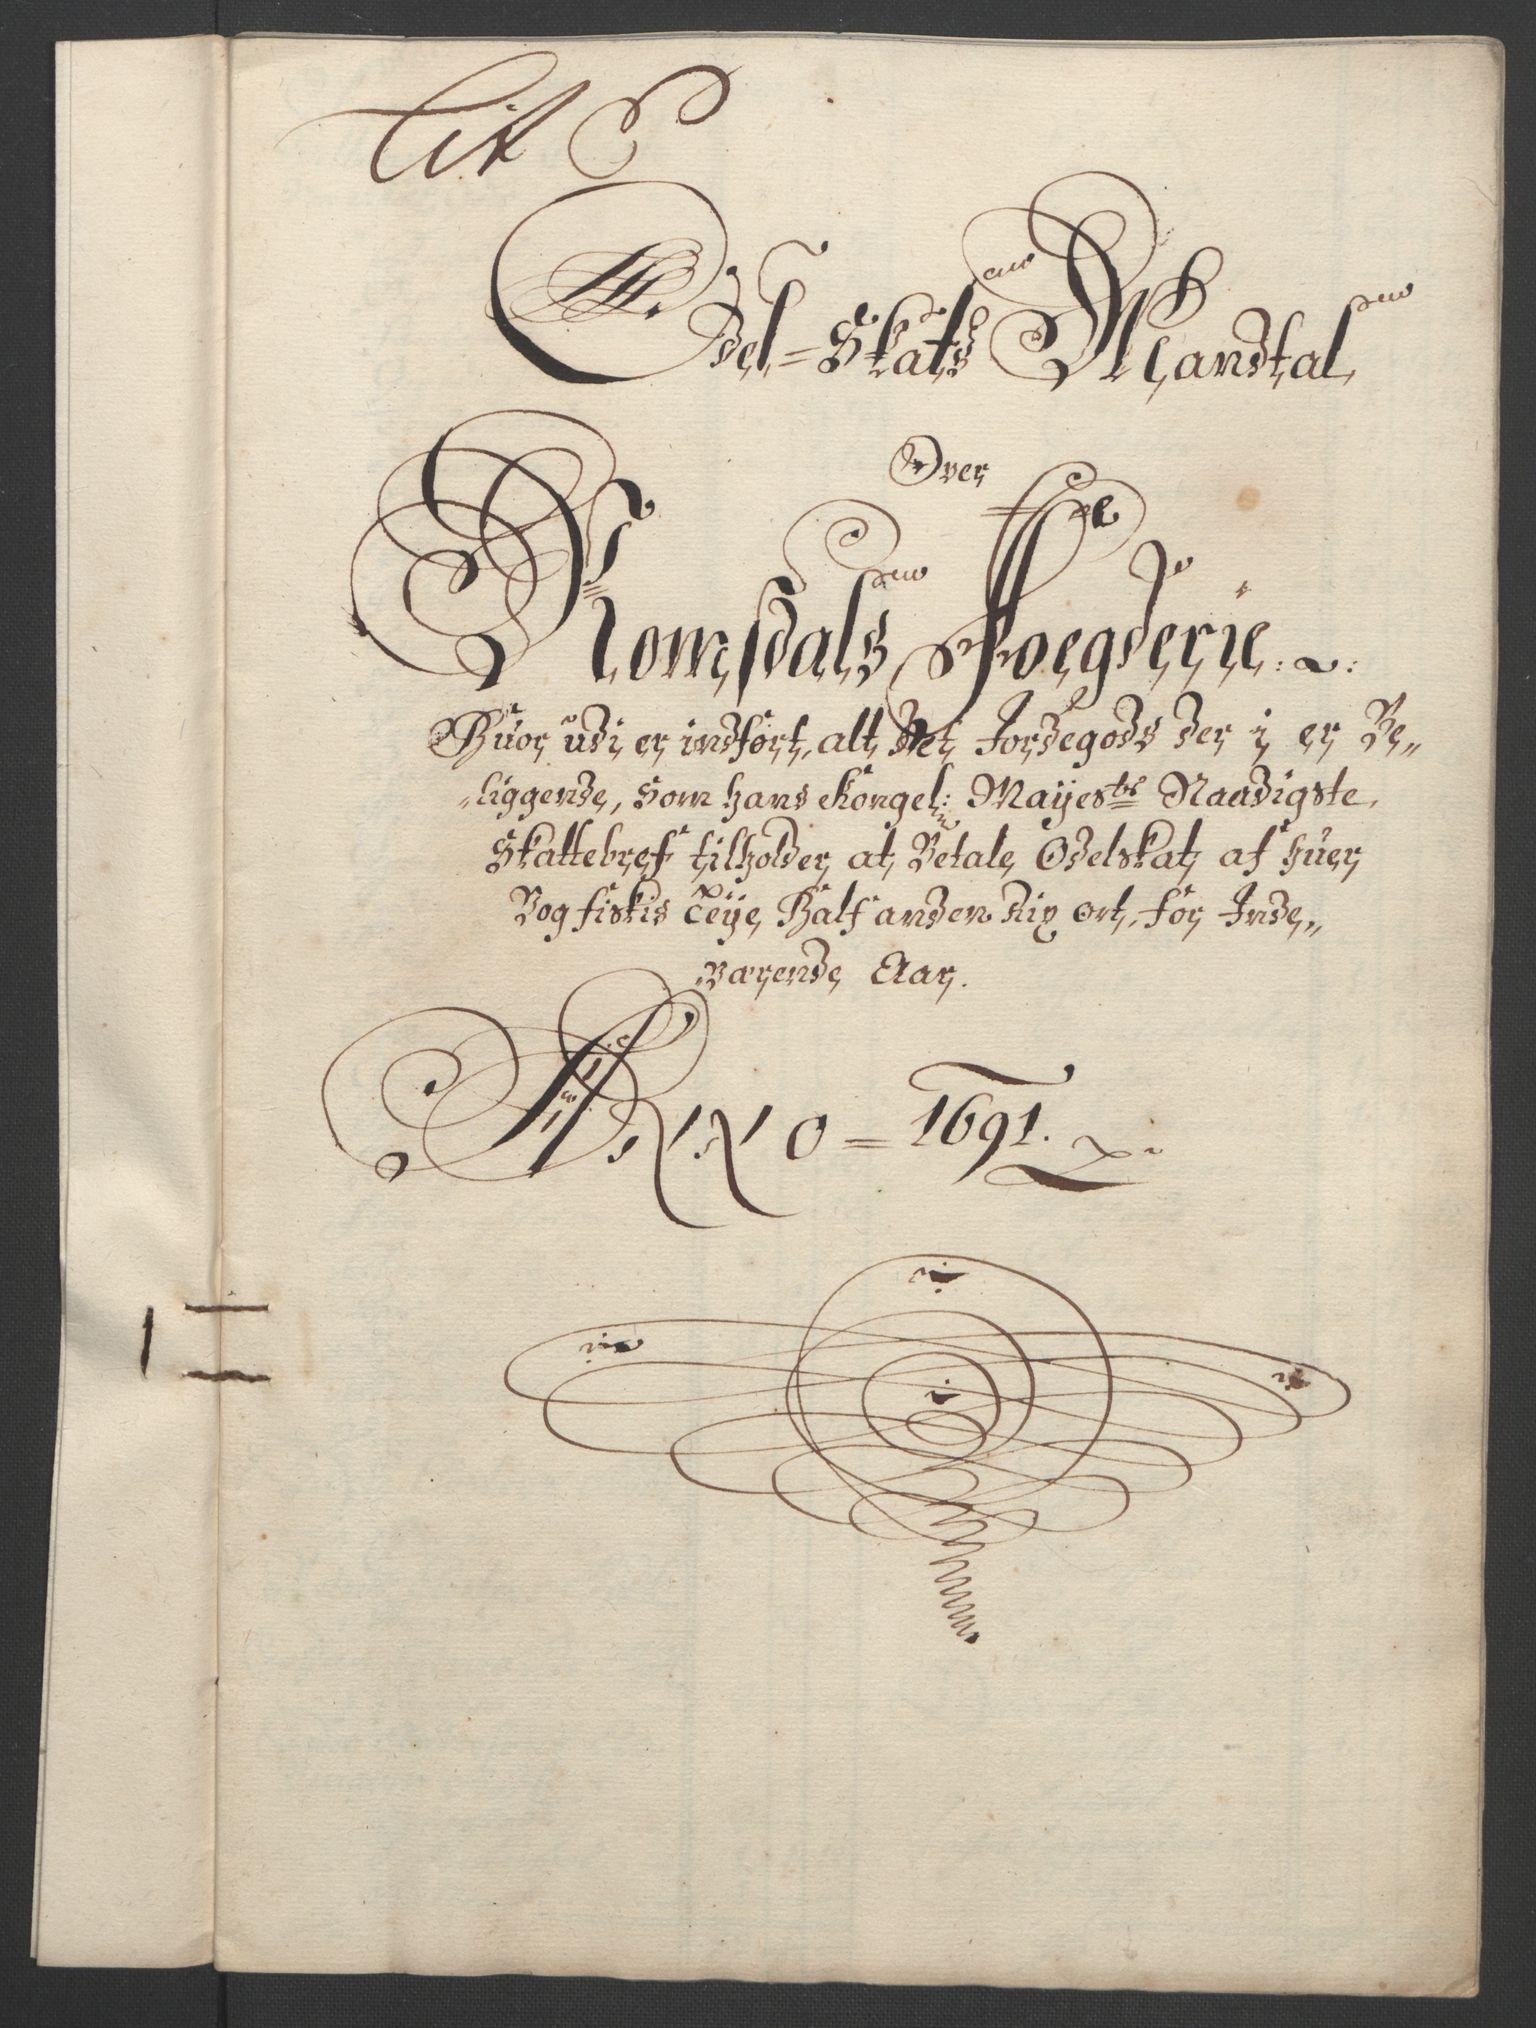 RA, Rentekammeret inntil 1814, Reviderte regnskaper, Fogderegnskap, R55/L3649: Fogderegnskap Romsdal, 1690-1691, s. 257